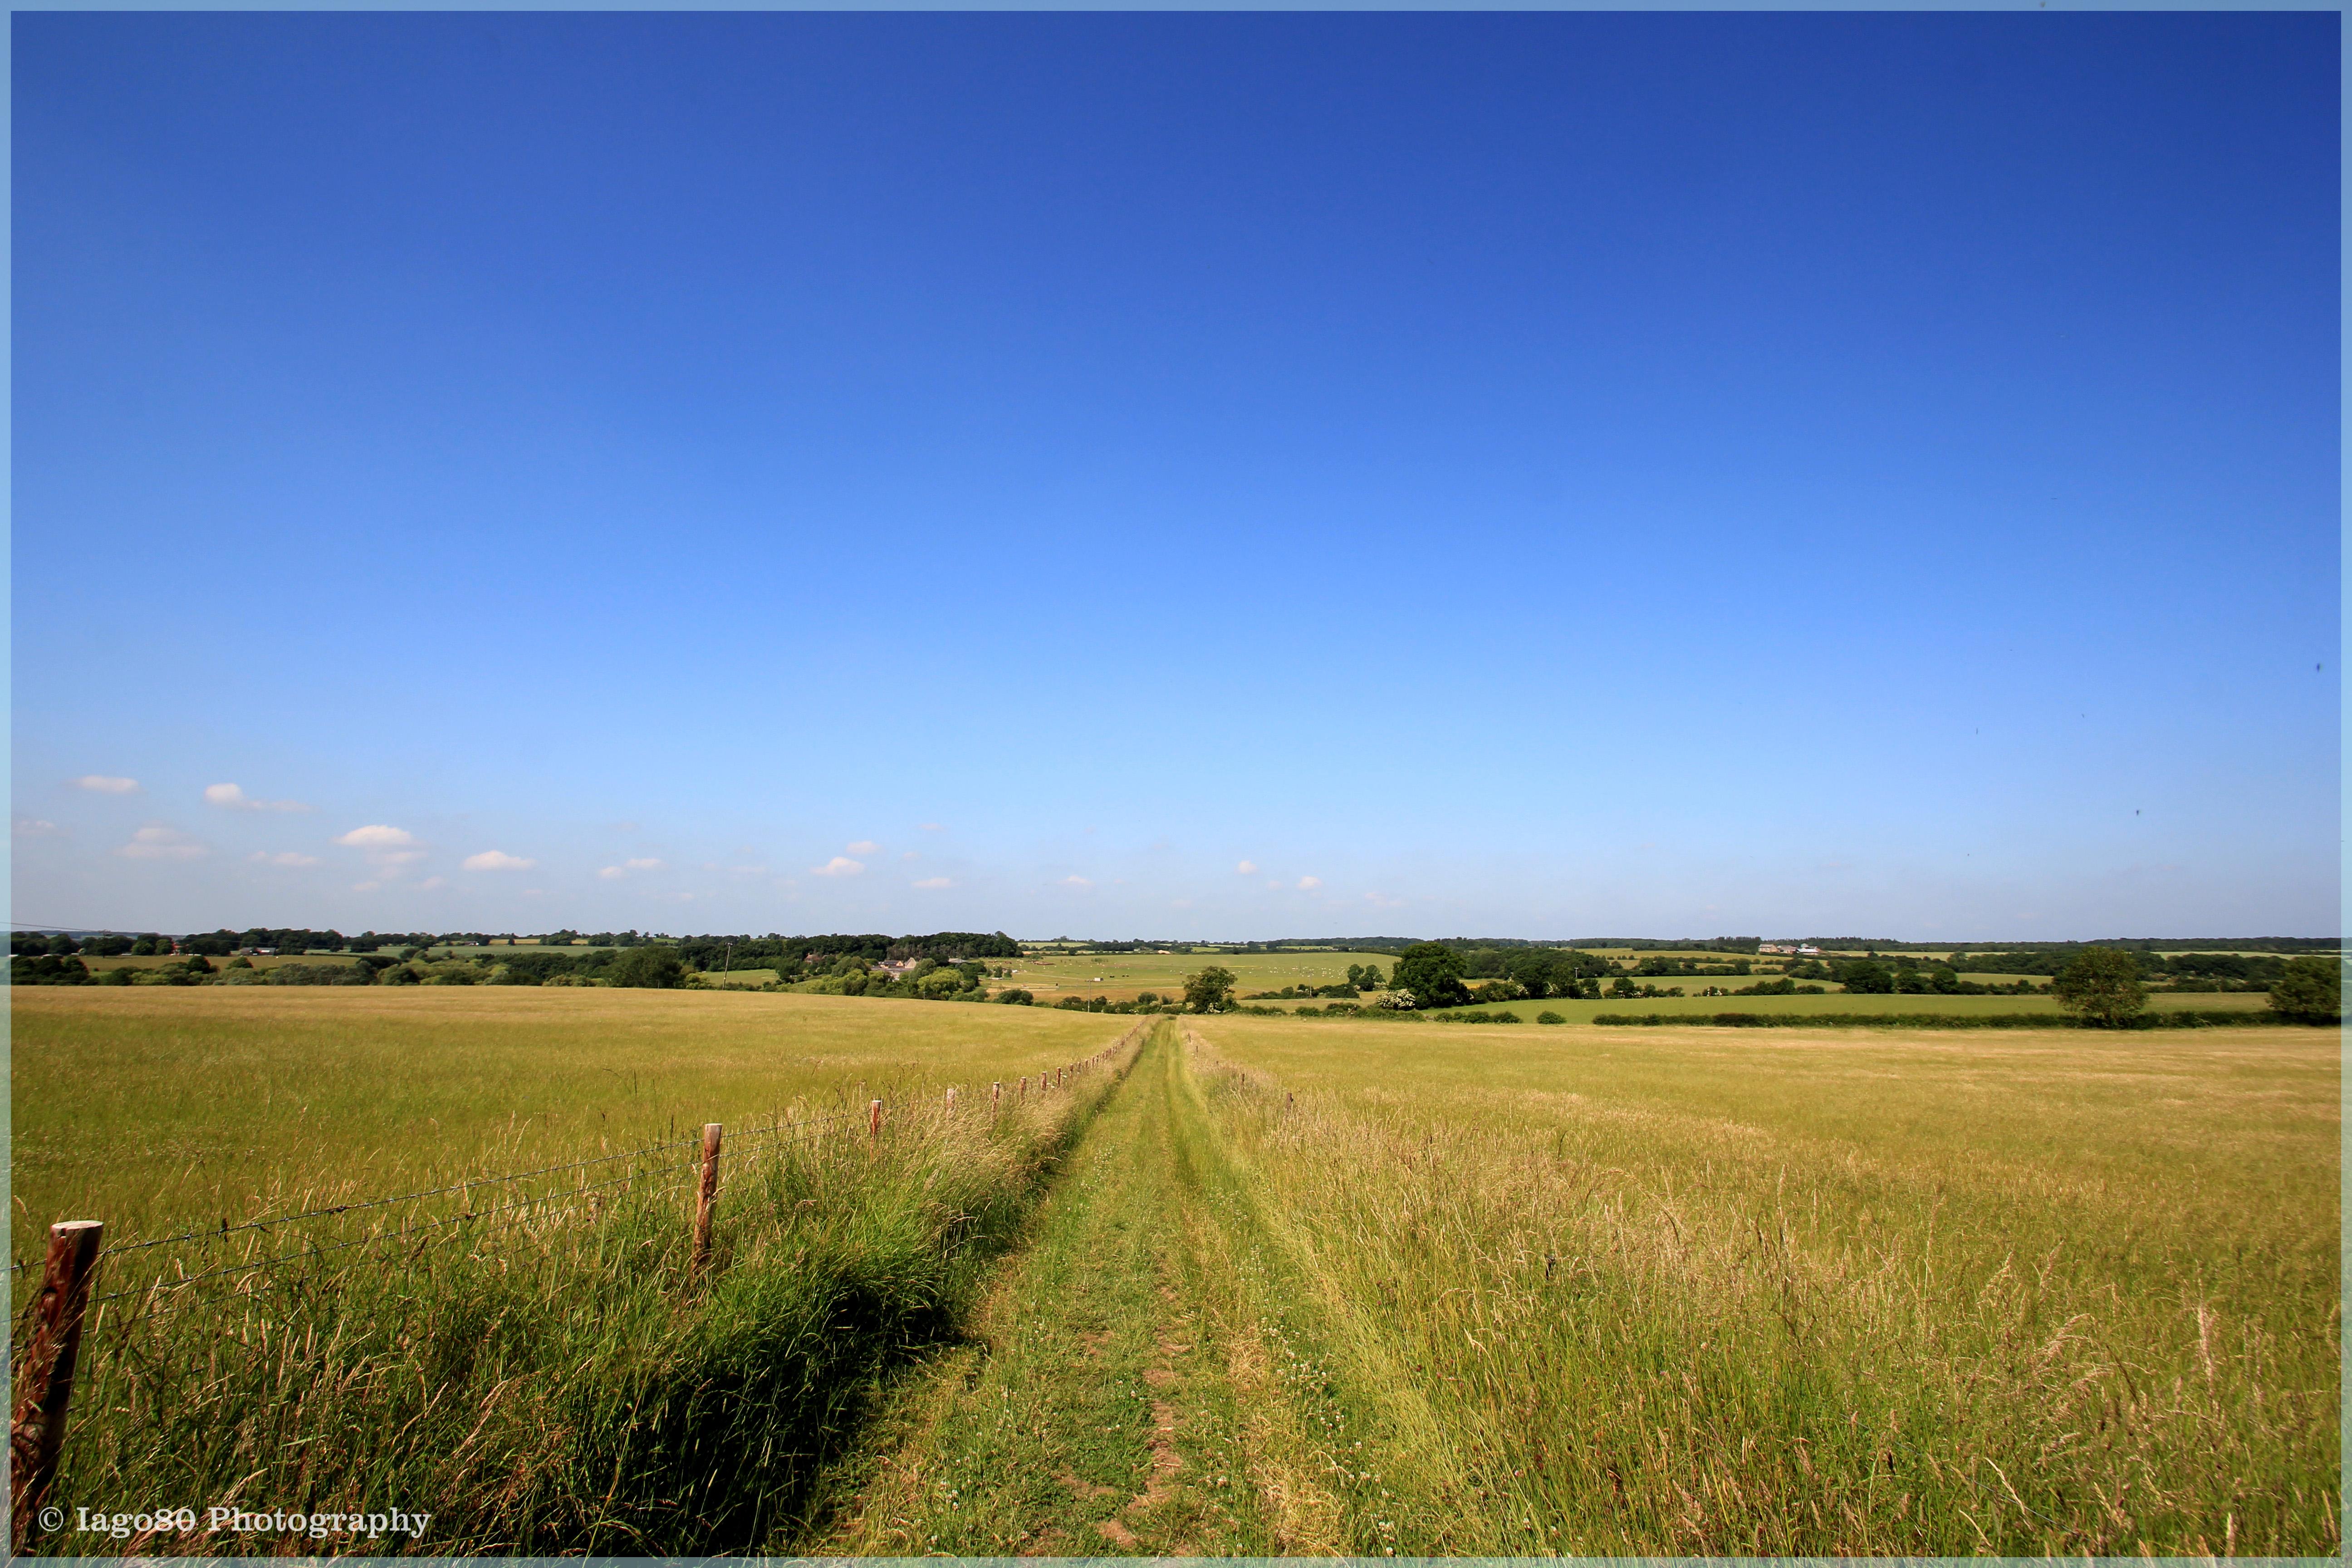 countryside | iago80